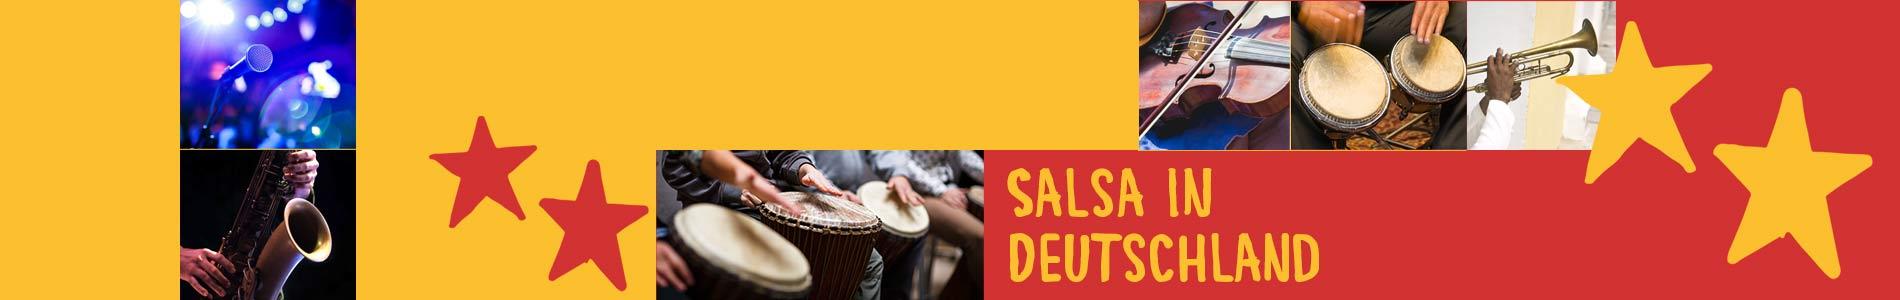 Salsa in Buchbach – Salsa lernen und tanzen, Tanzkurse, Partys, Veranstaltungen